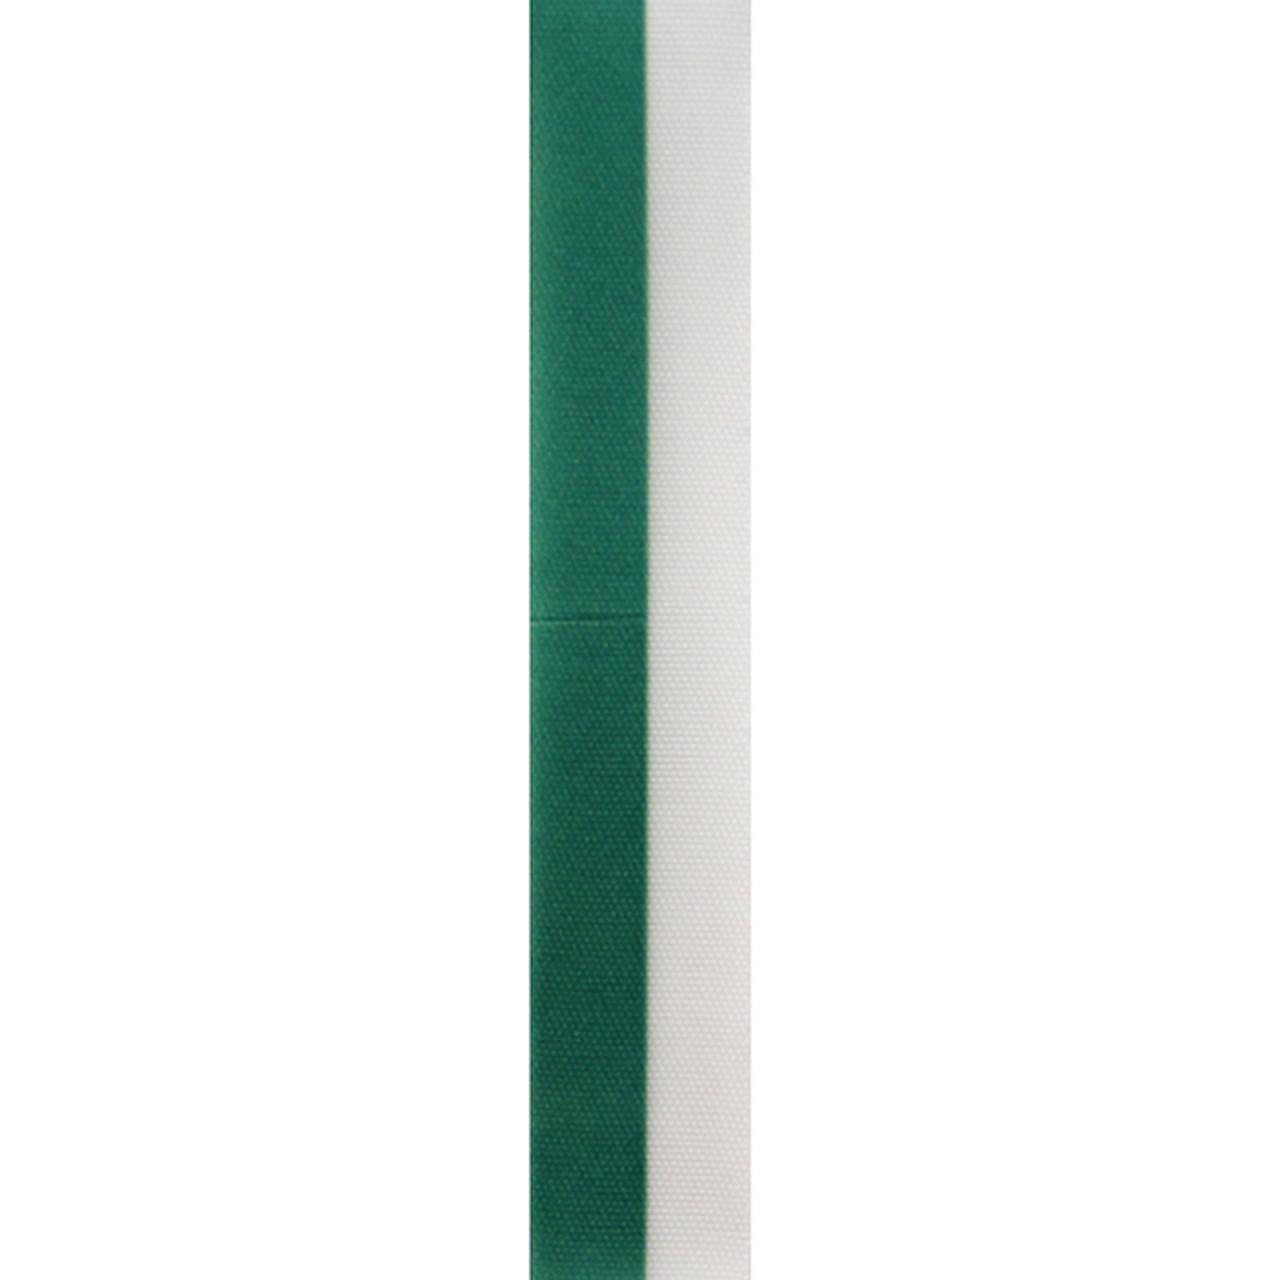 Emerald Vertical Striped Ribbon